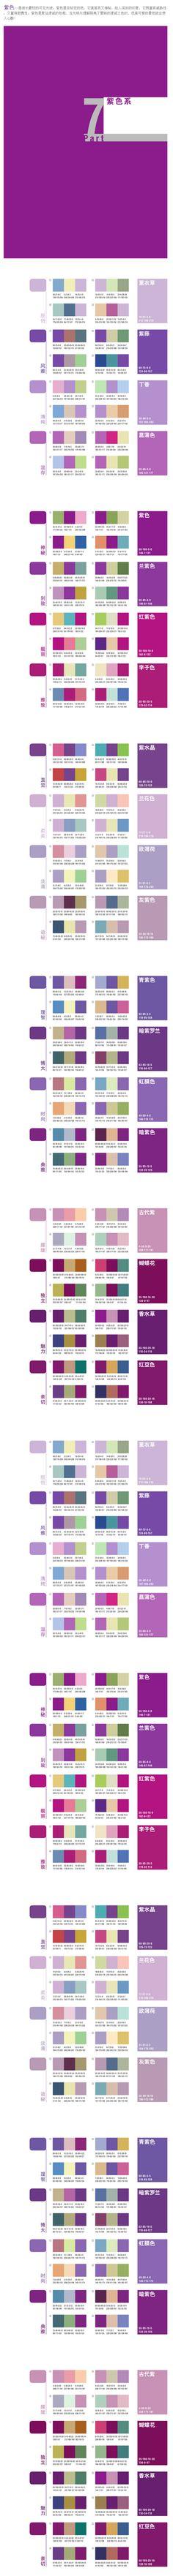 经典配色方案 - 紫色 #色彩#